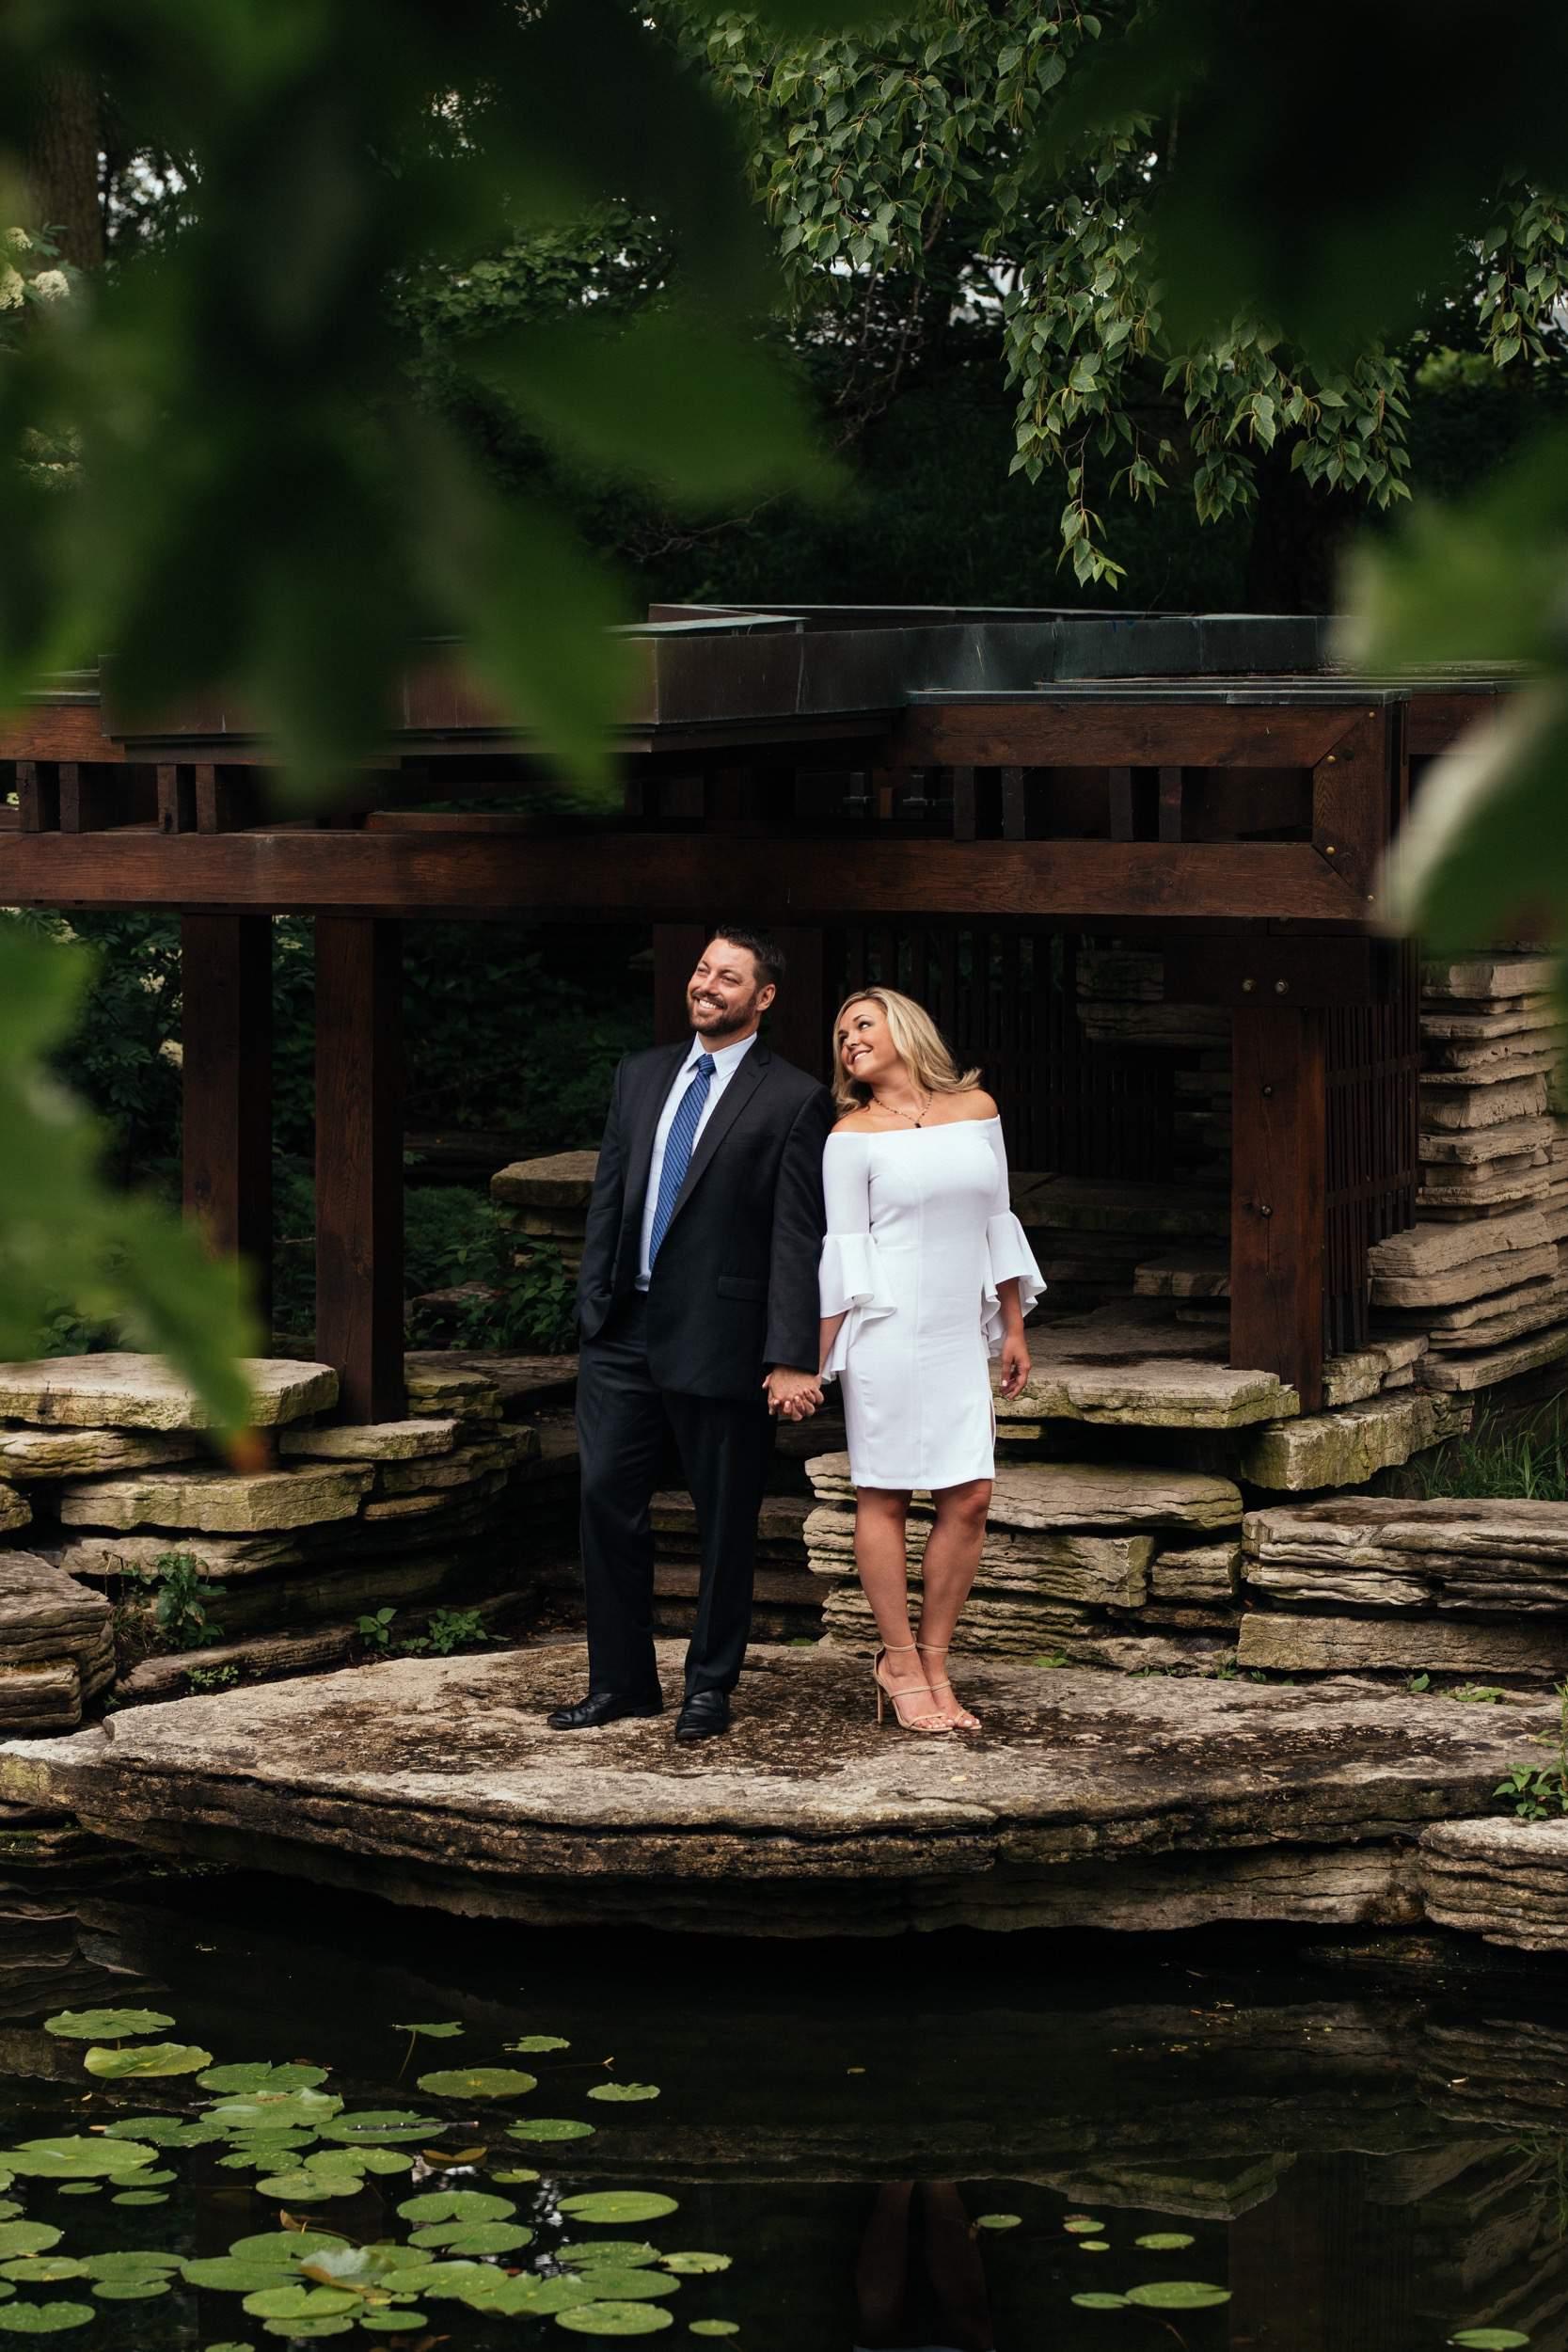 LeCapeWeddings_Chicago Engagement Photography-21.jpg